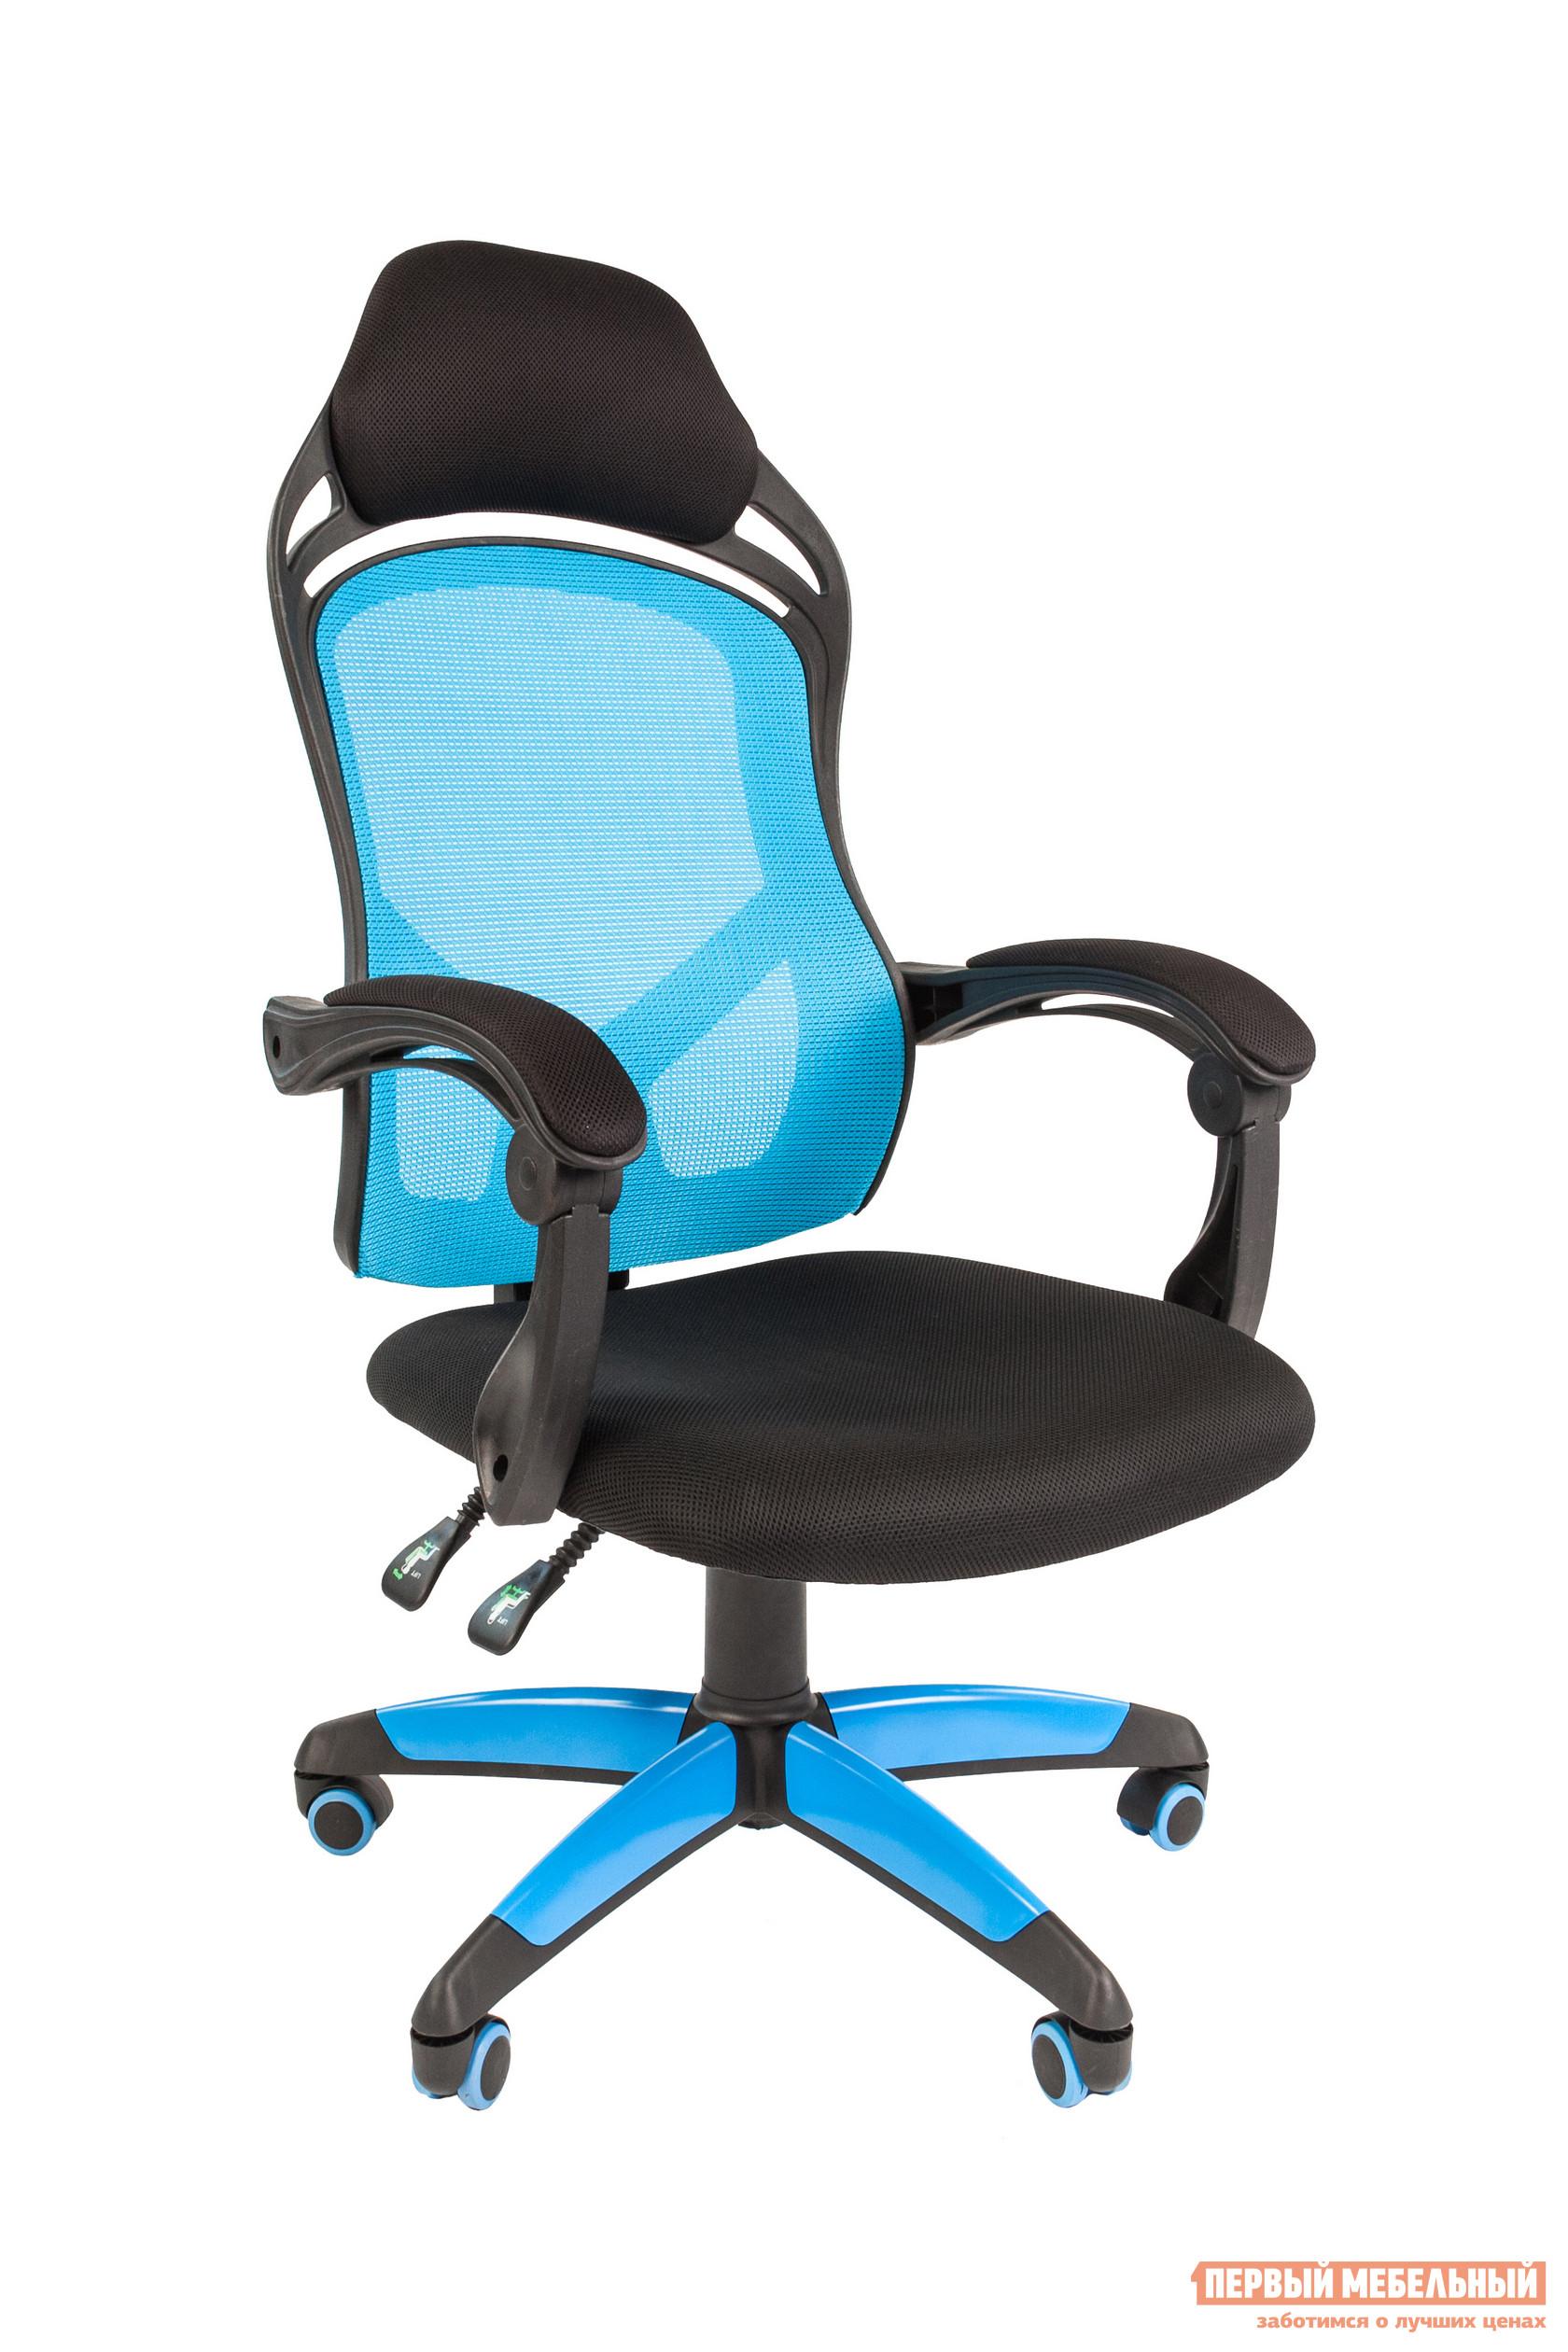 Компьютерное кресло Тайпит Chairman Game 12 компьютерное кресло chairman game 12 black blue 00 07016633